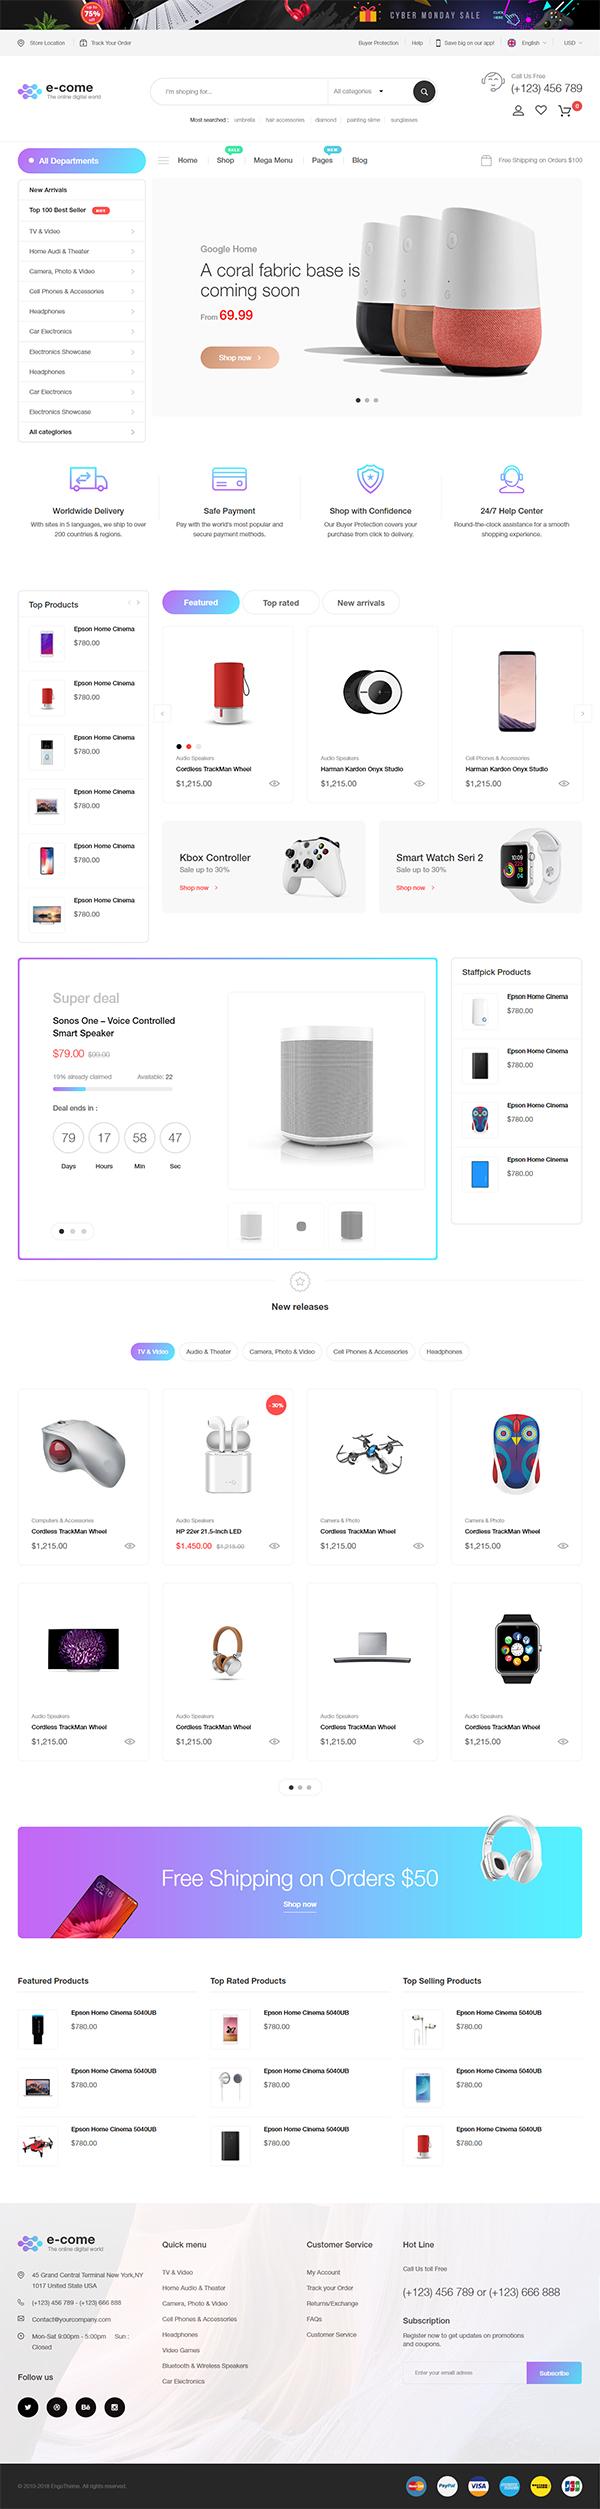 E-come | Multi-Purpose HTML Template for Electronics Store